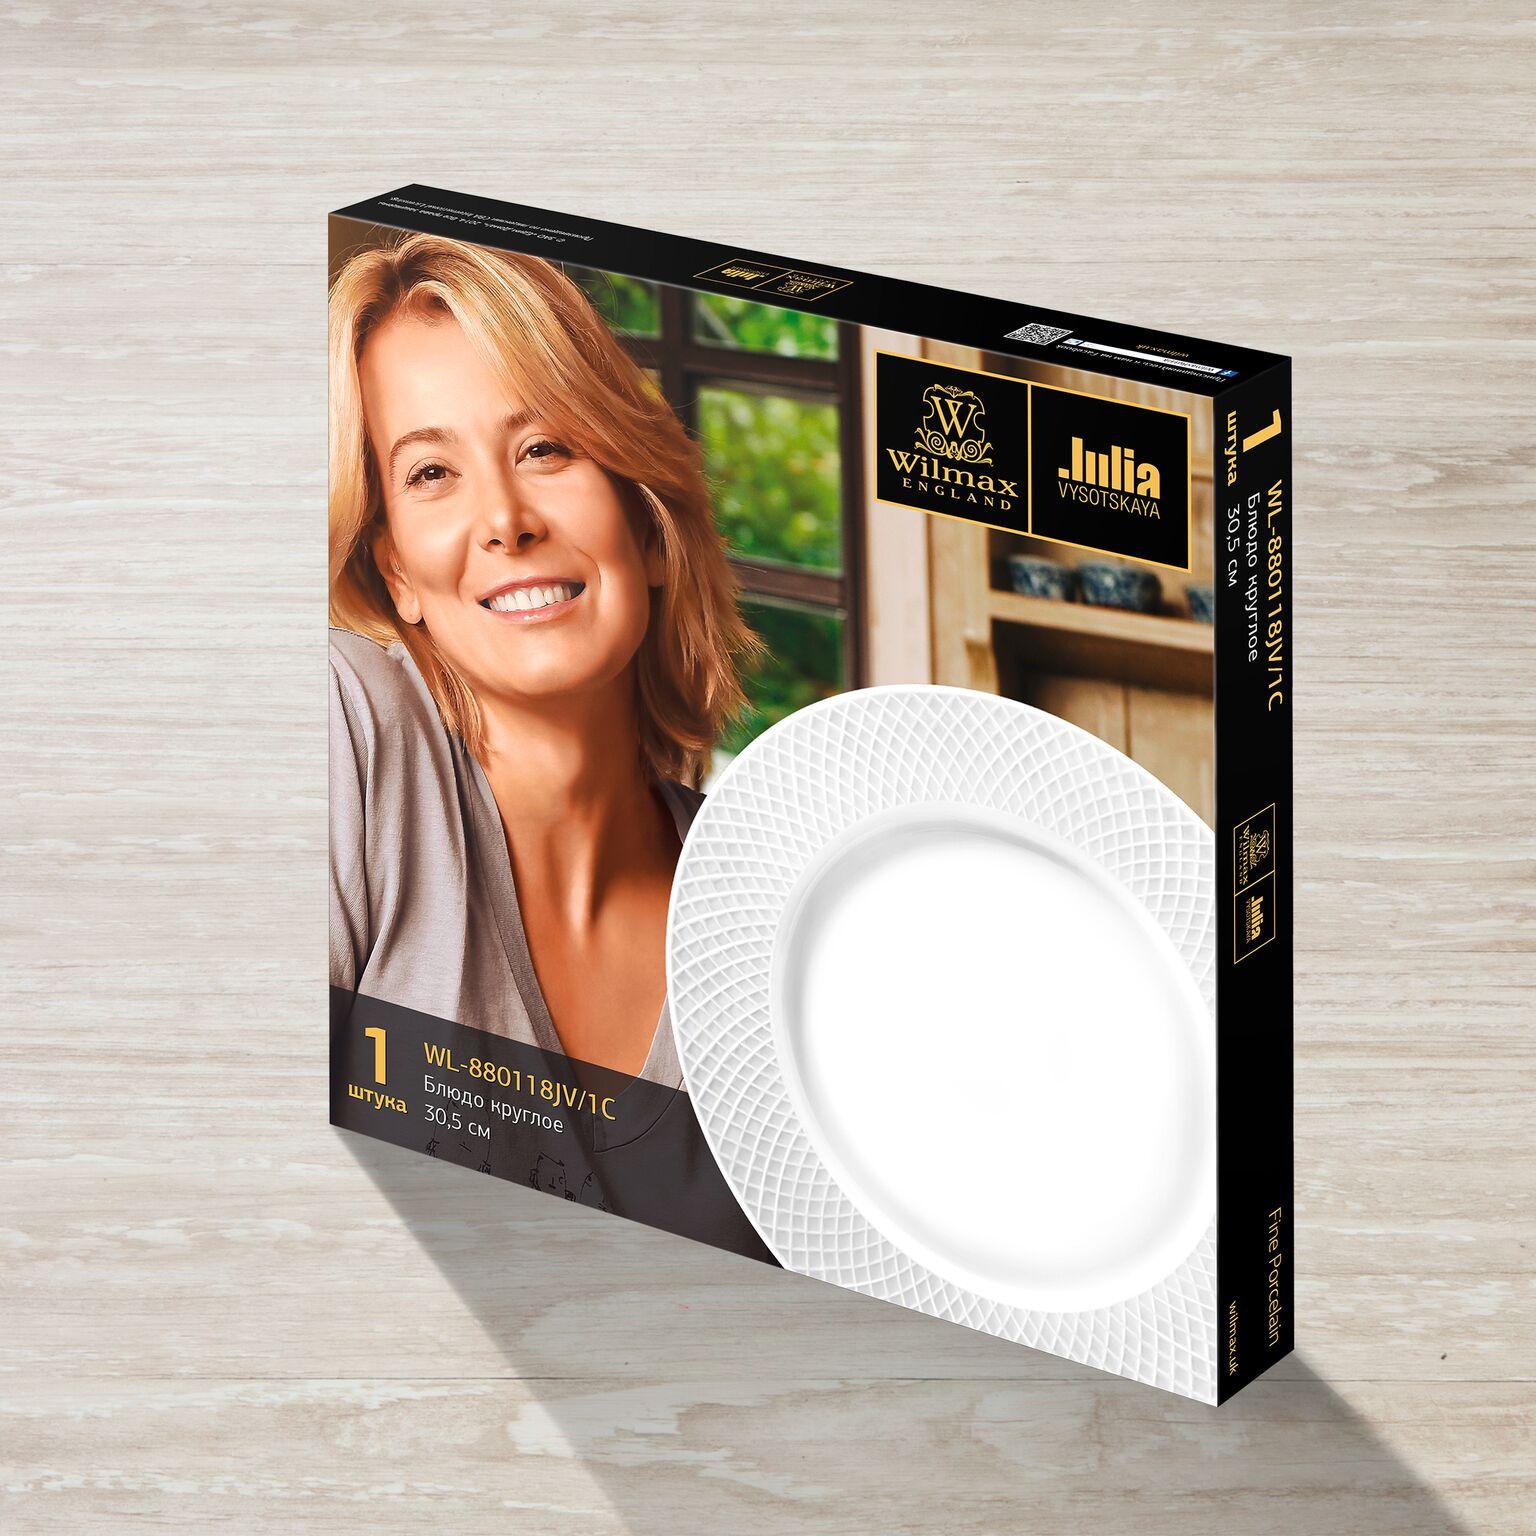 Блюдо круглое 30,5 см Wilmax от Юлии Высоцкой (фирменная коробка)